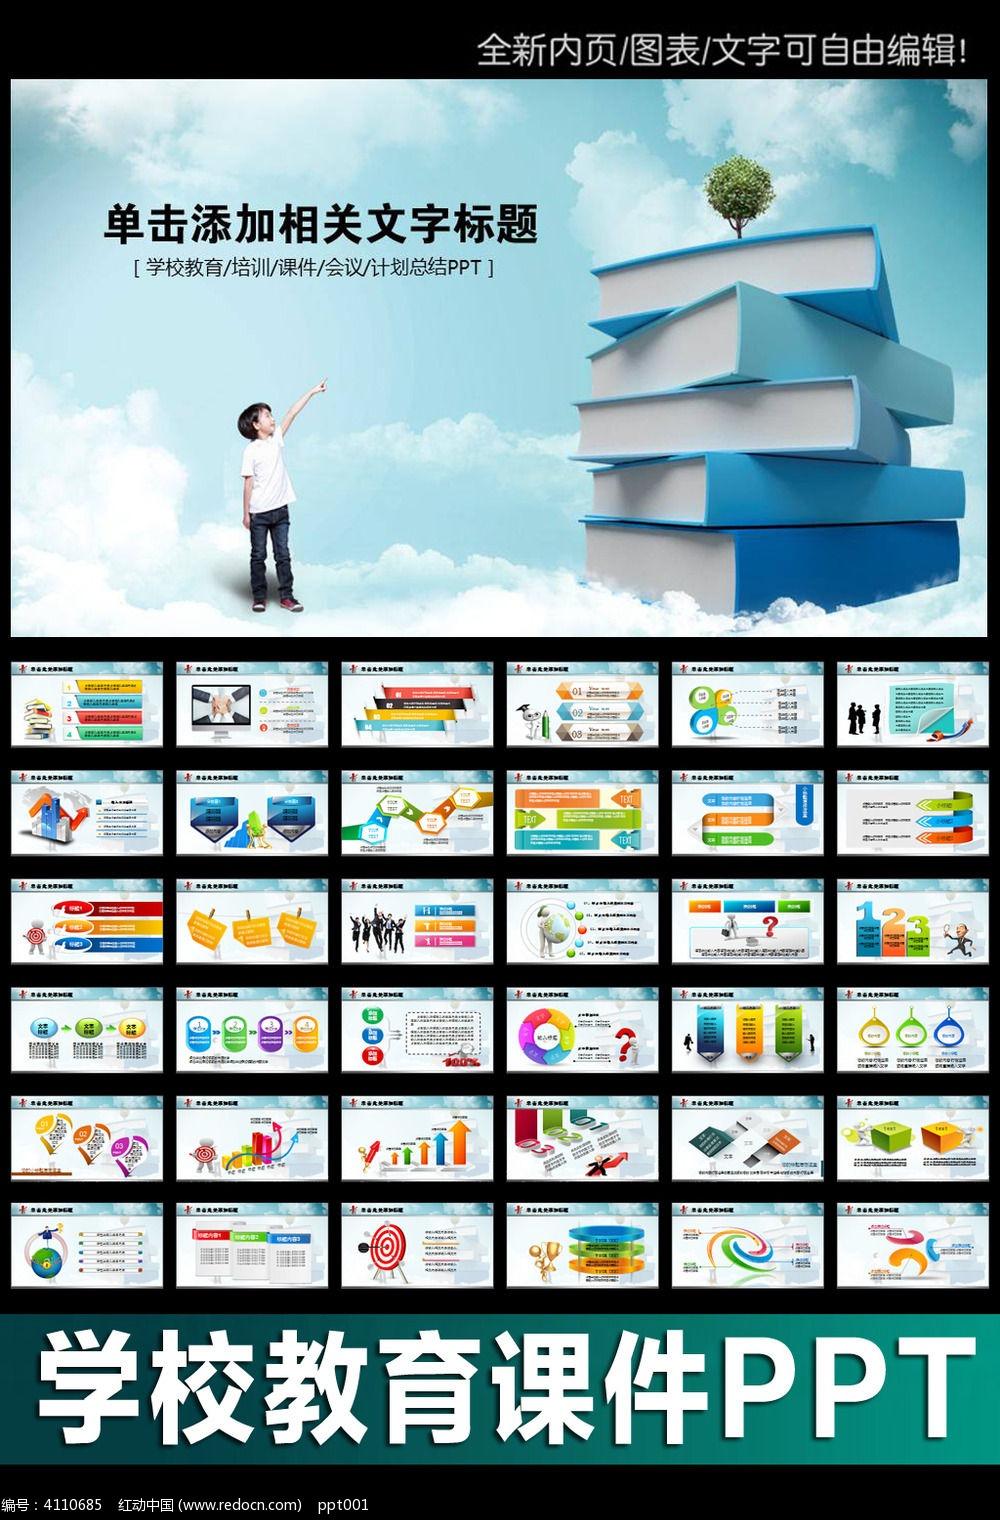 8款 读书报告ppt模板素材下载